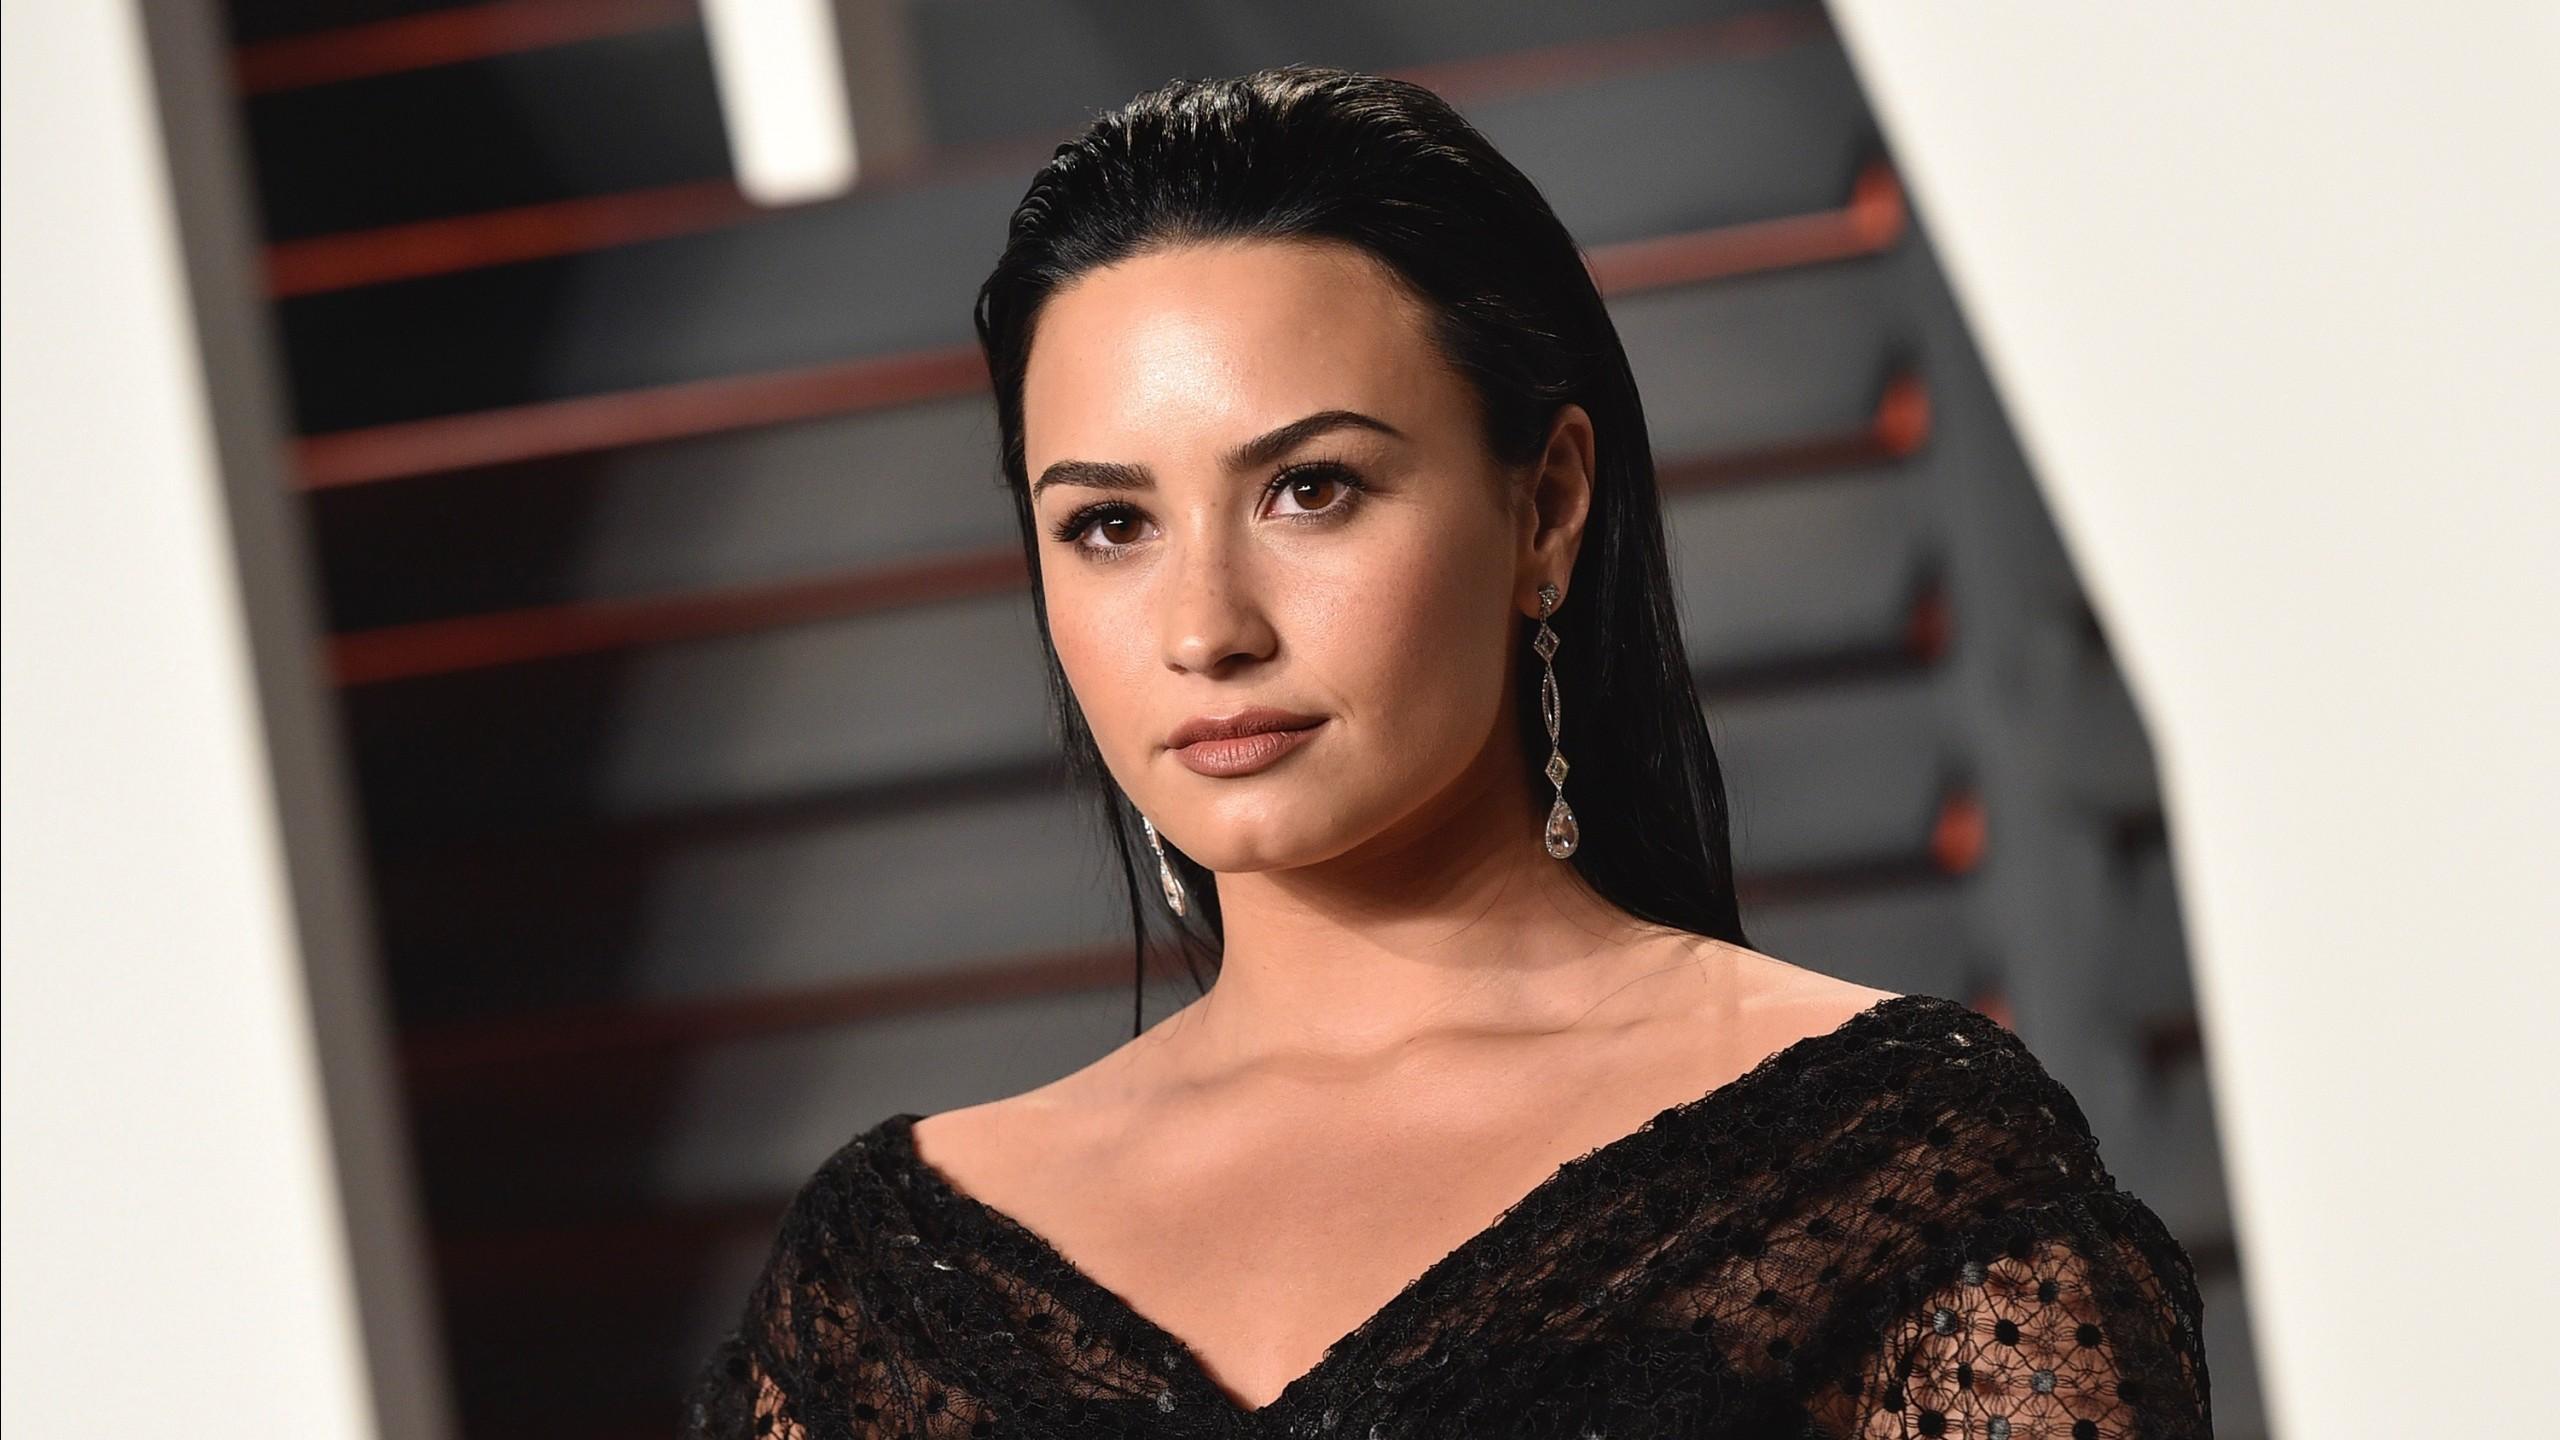 Fall Beach Widescreen Wallpaper Demi Lovato 2017 Hd Wallpapers Hd Wallpapers Id 22348